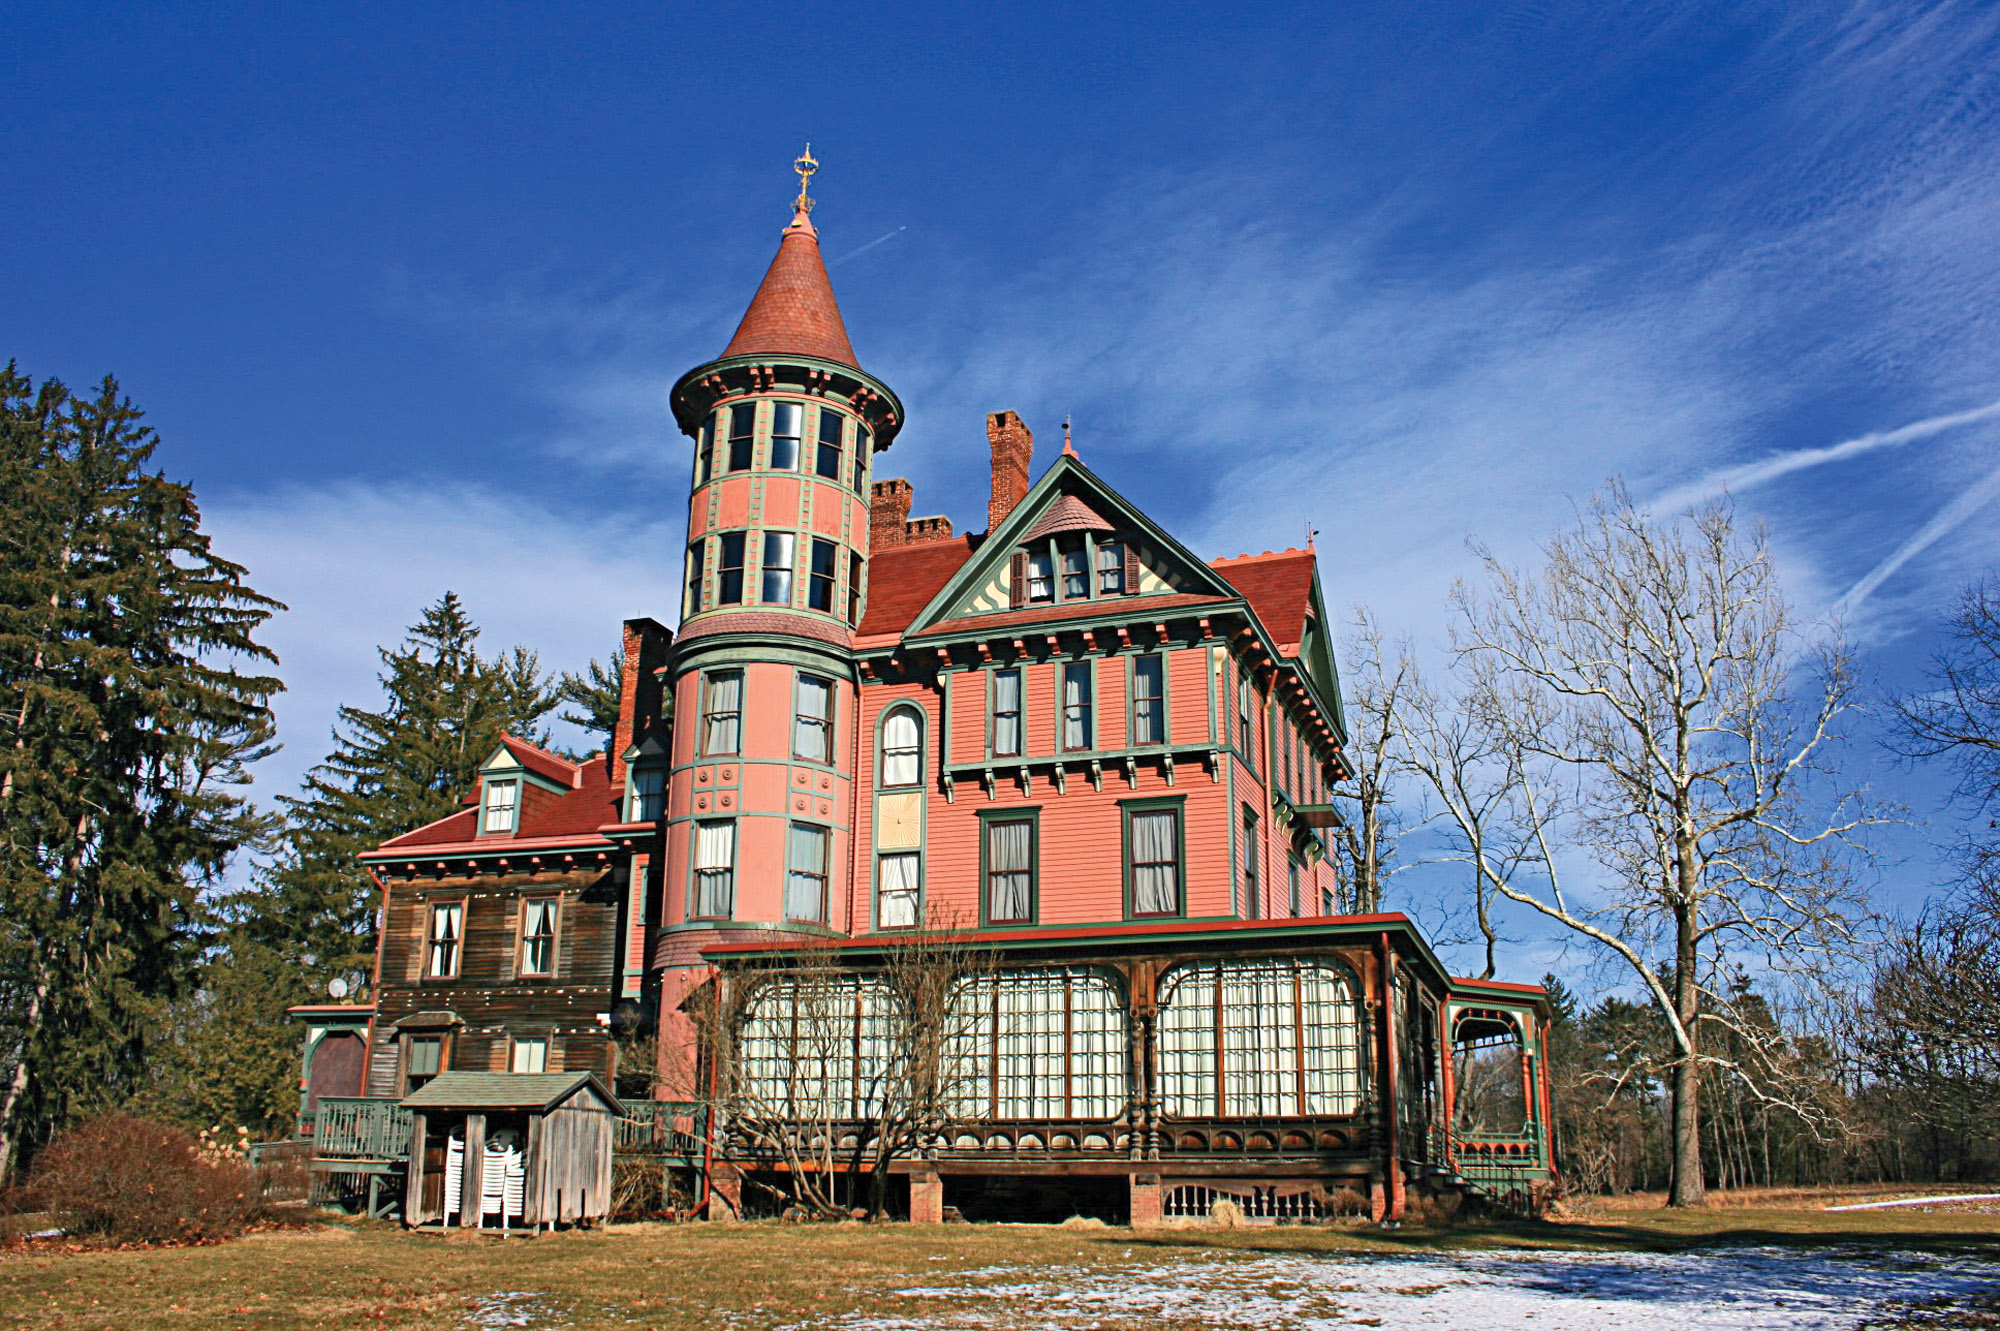 Wilderstein mansion